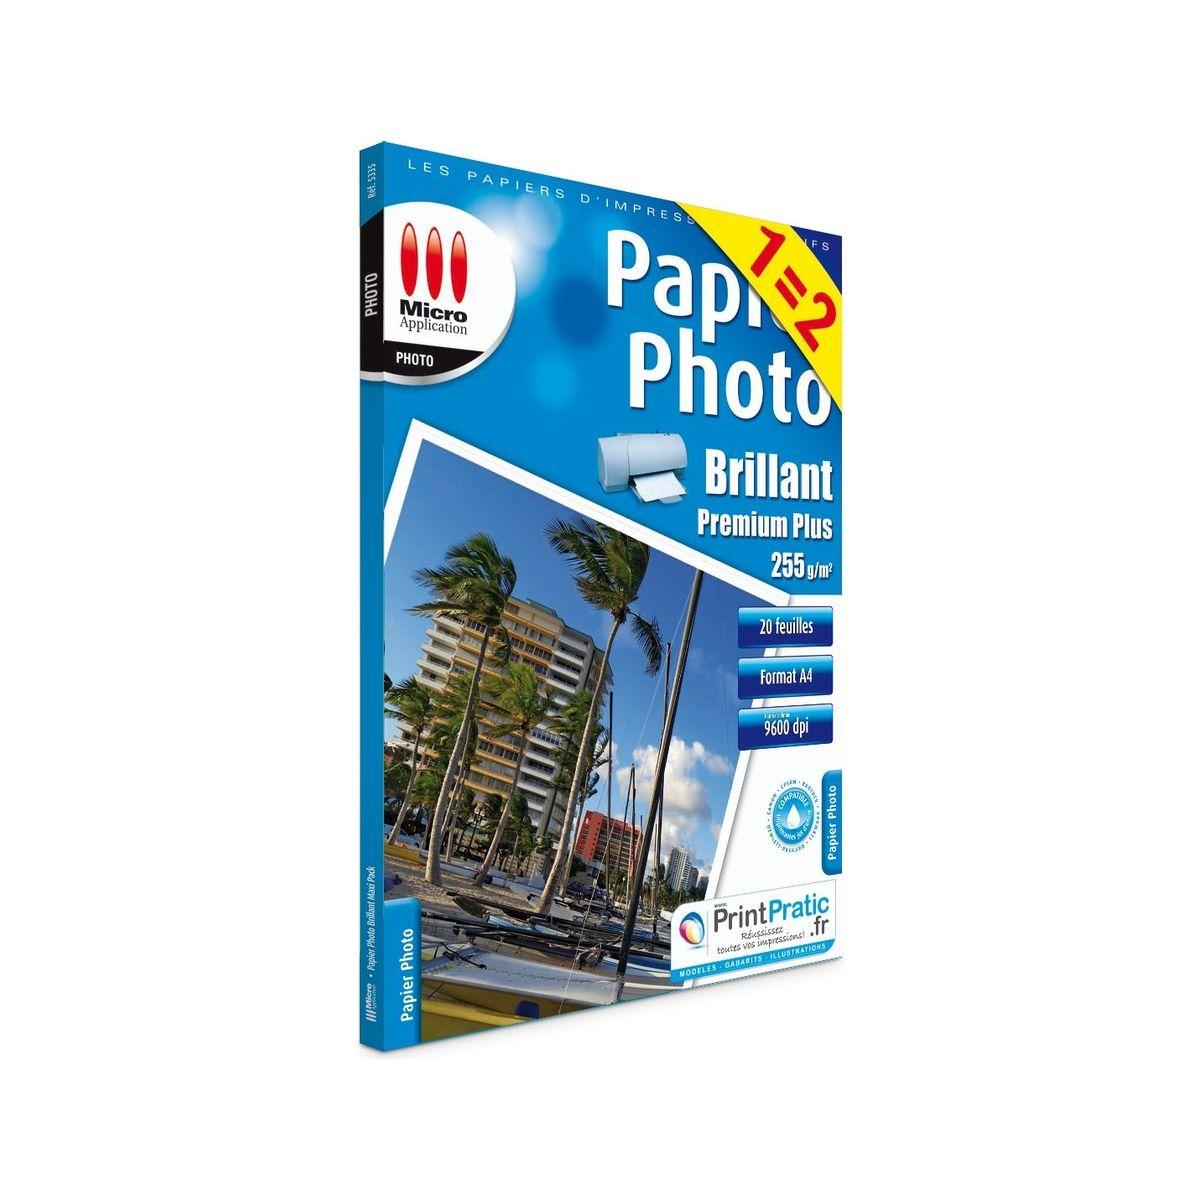 Papier photo micro application photo 1=2 a4 brillant 255g/m2 20 feuilles + 20 feuilles - 3% de remise immédiate avec le code : multi3 (photo)